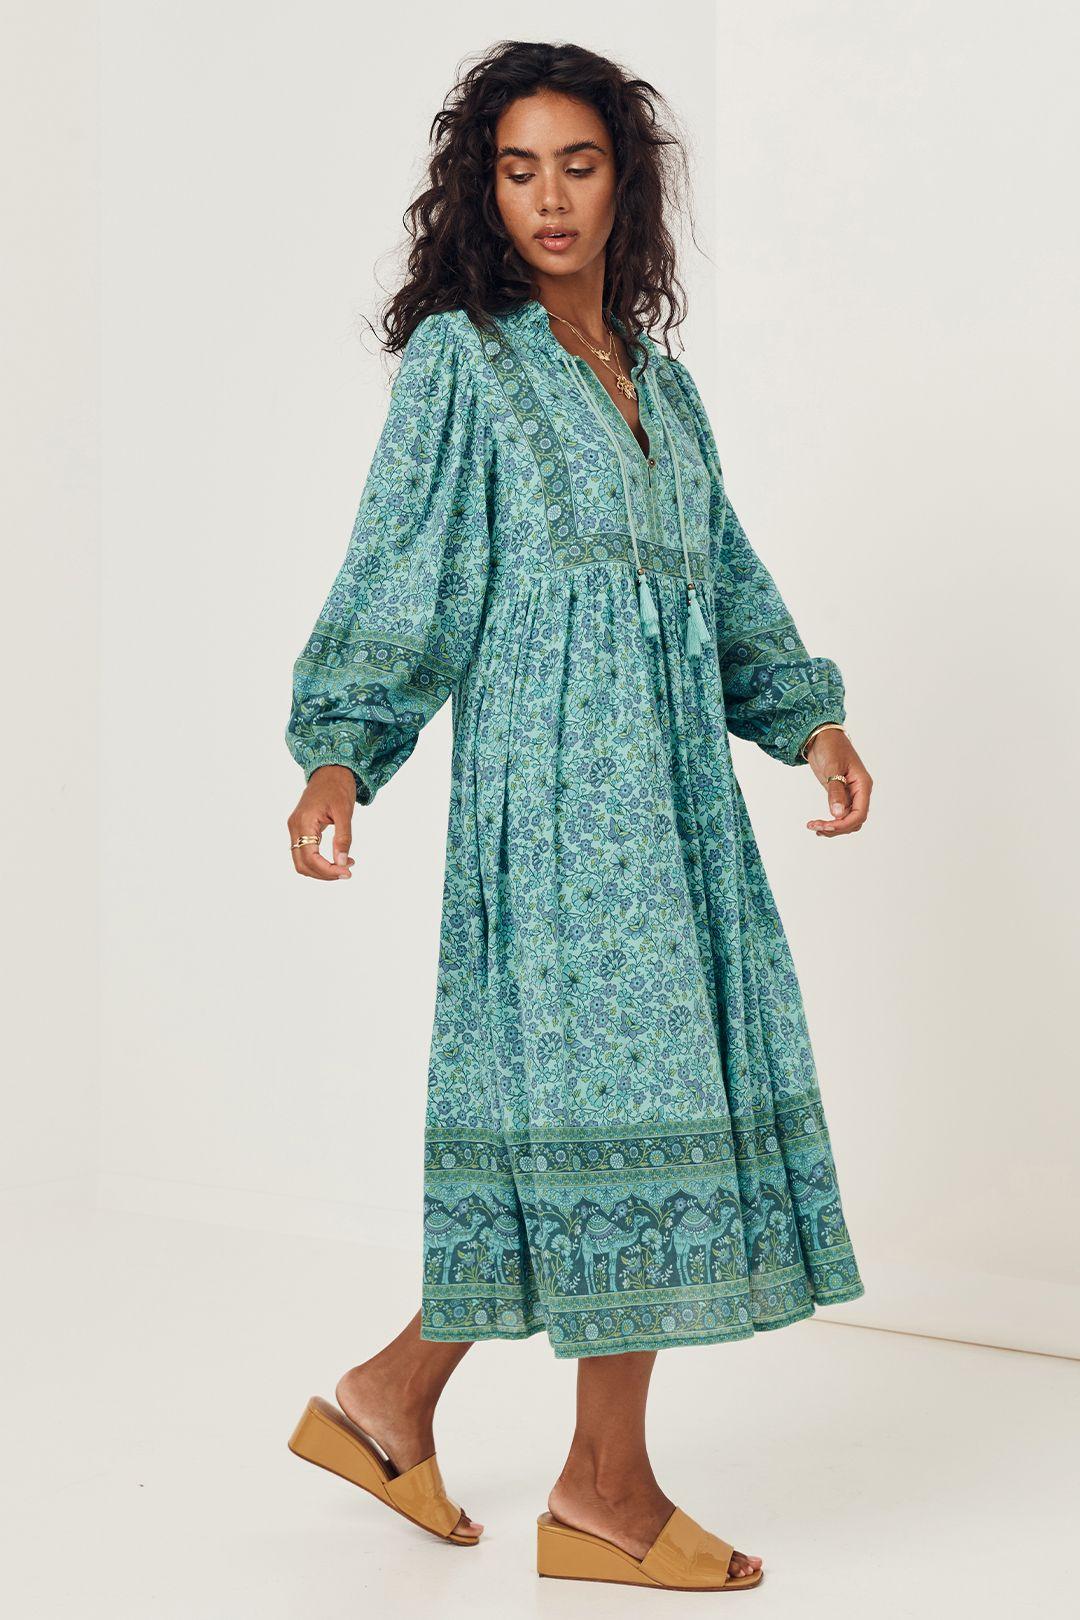 Spell Sundown Boho Dress Turquoise Long Sleeves